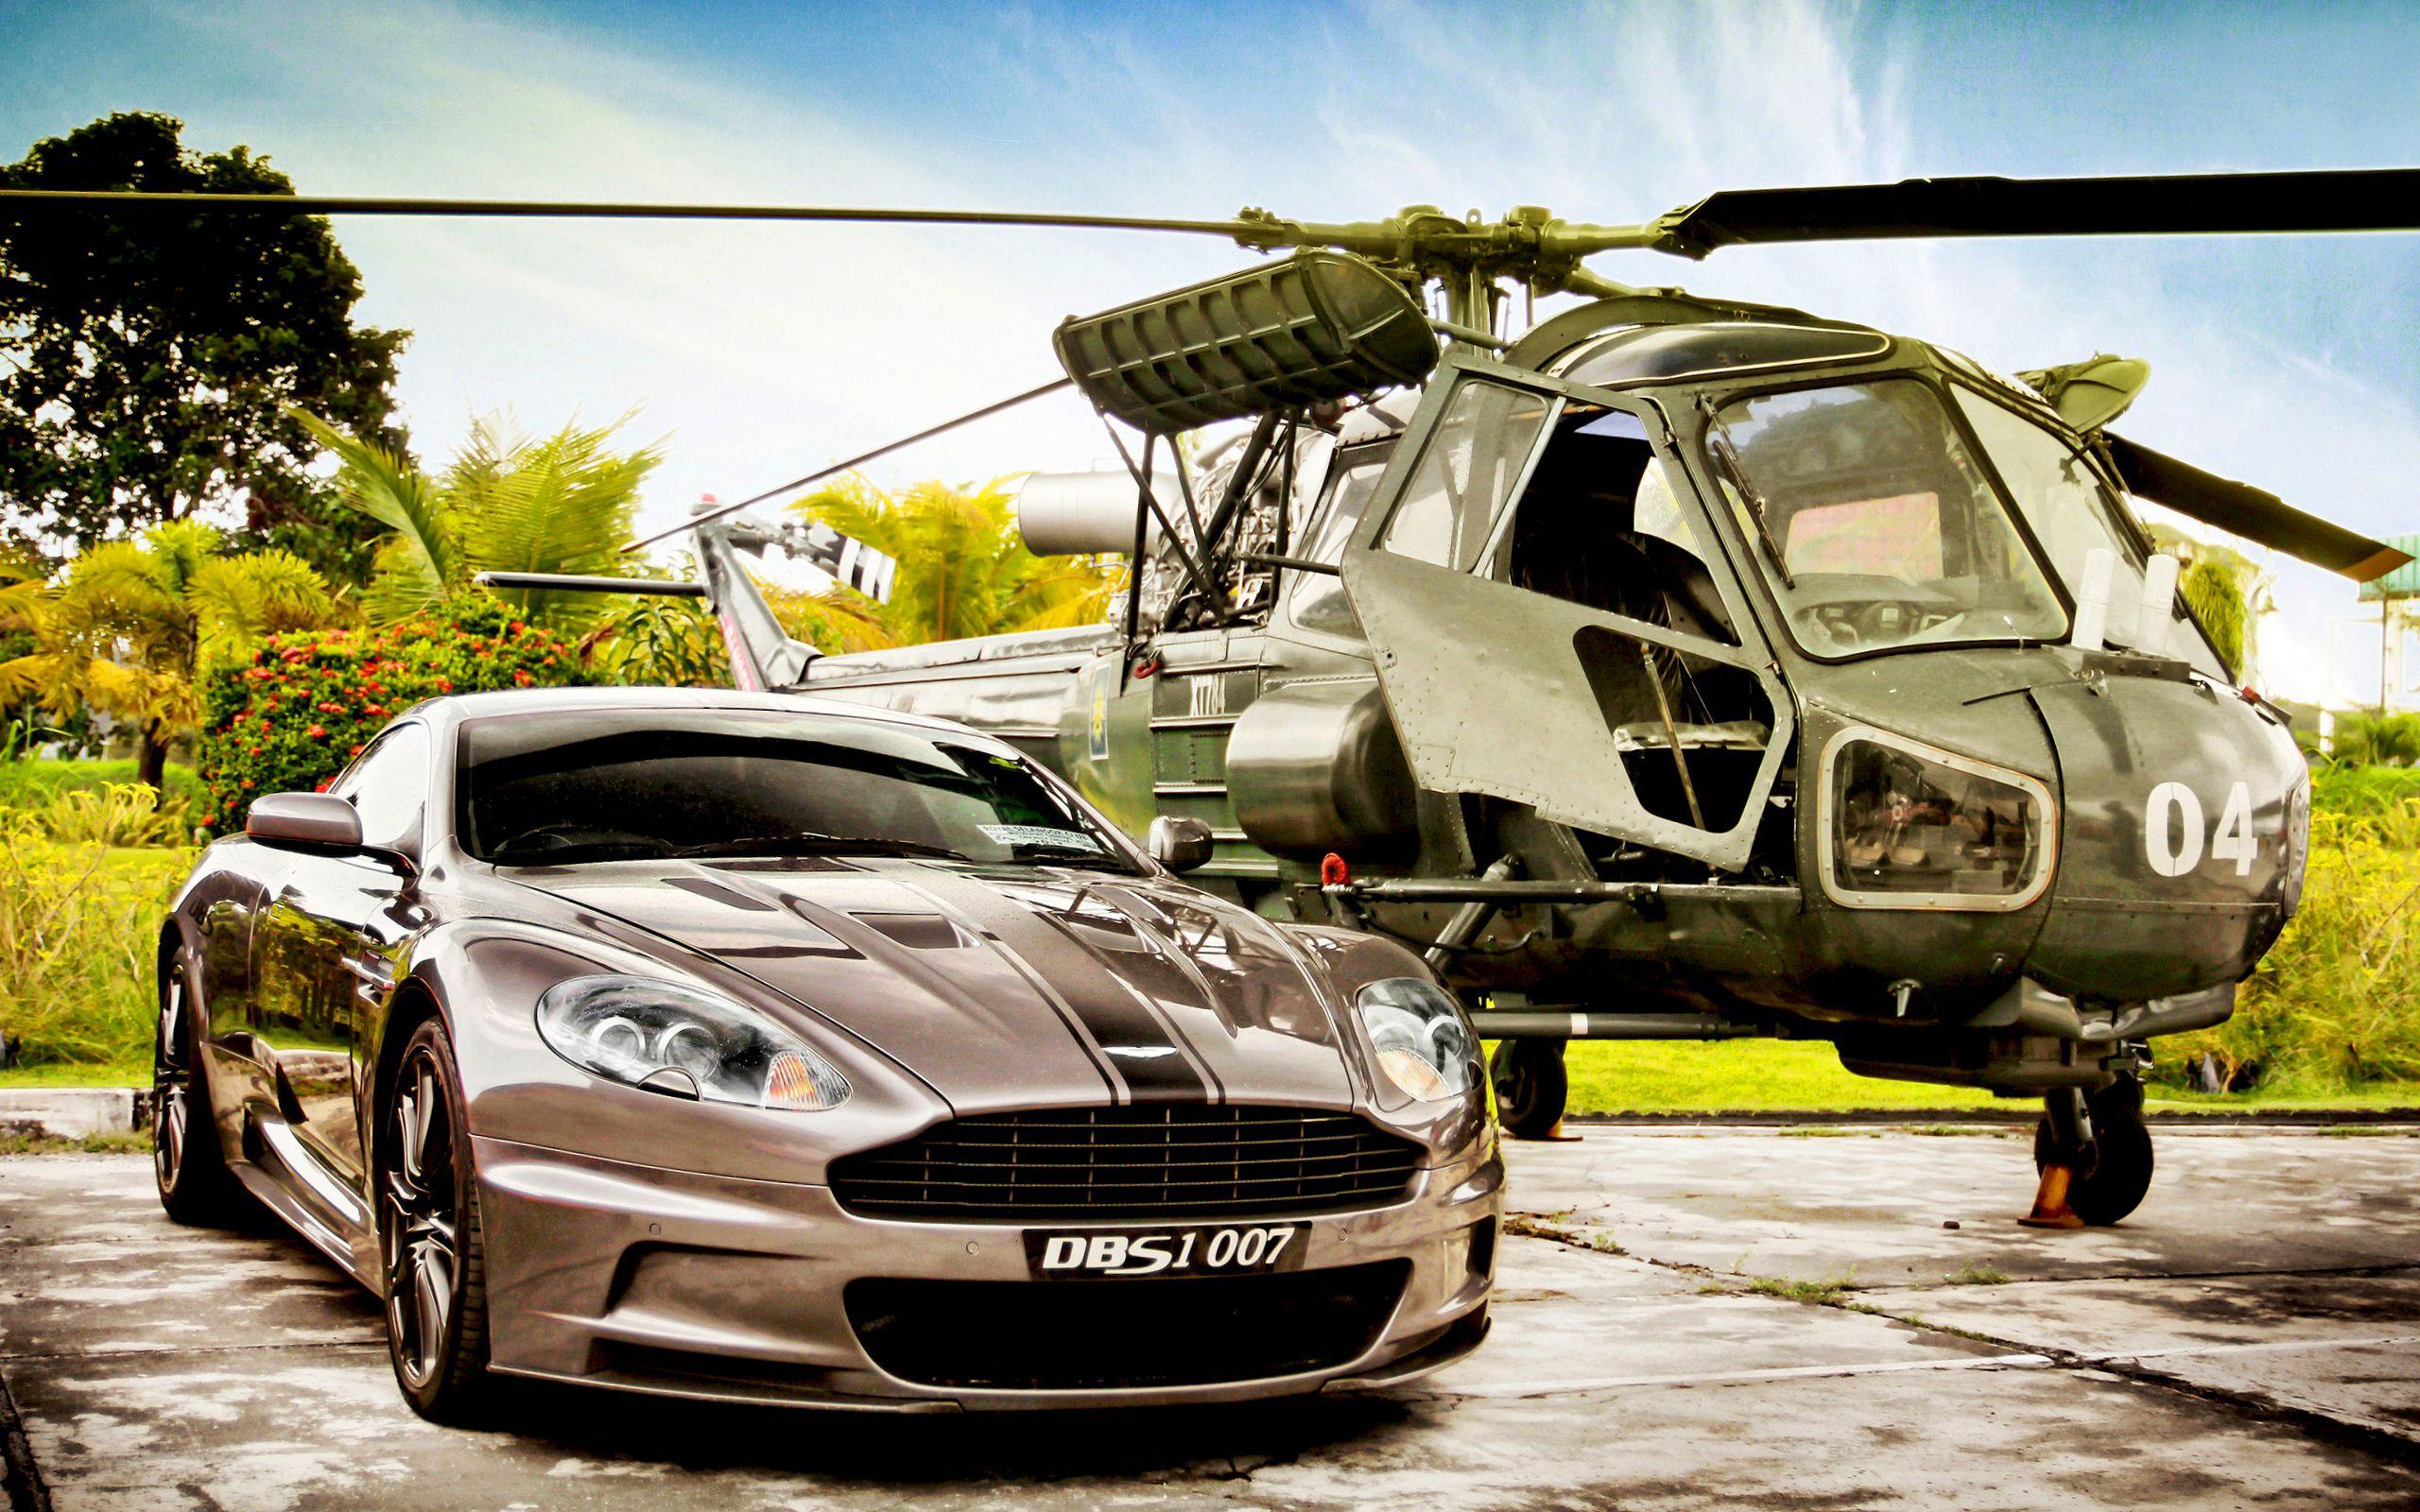 33154 скачать обои Транспорт, Машины, Астон Мартин (Aston Martin) - заставки и картинки бесплатно